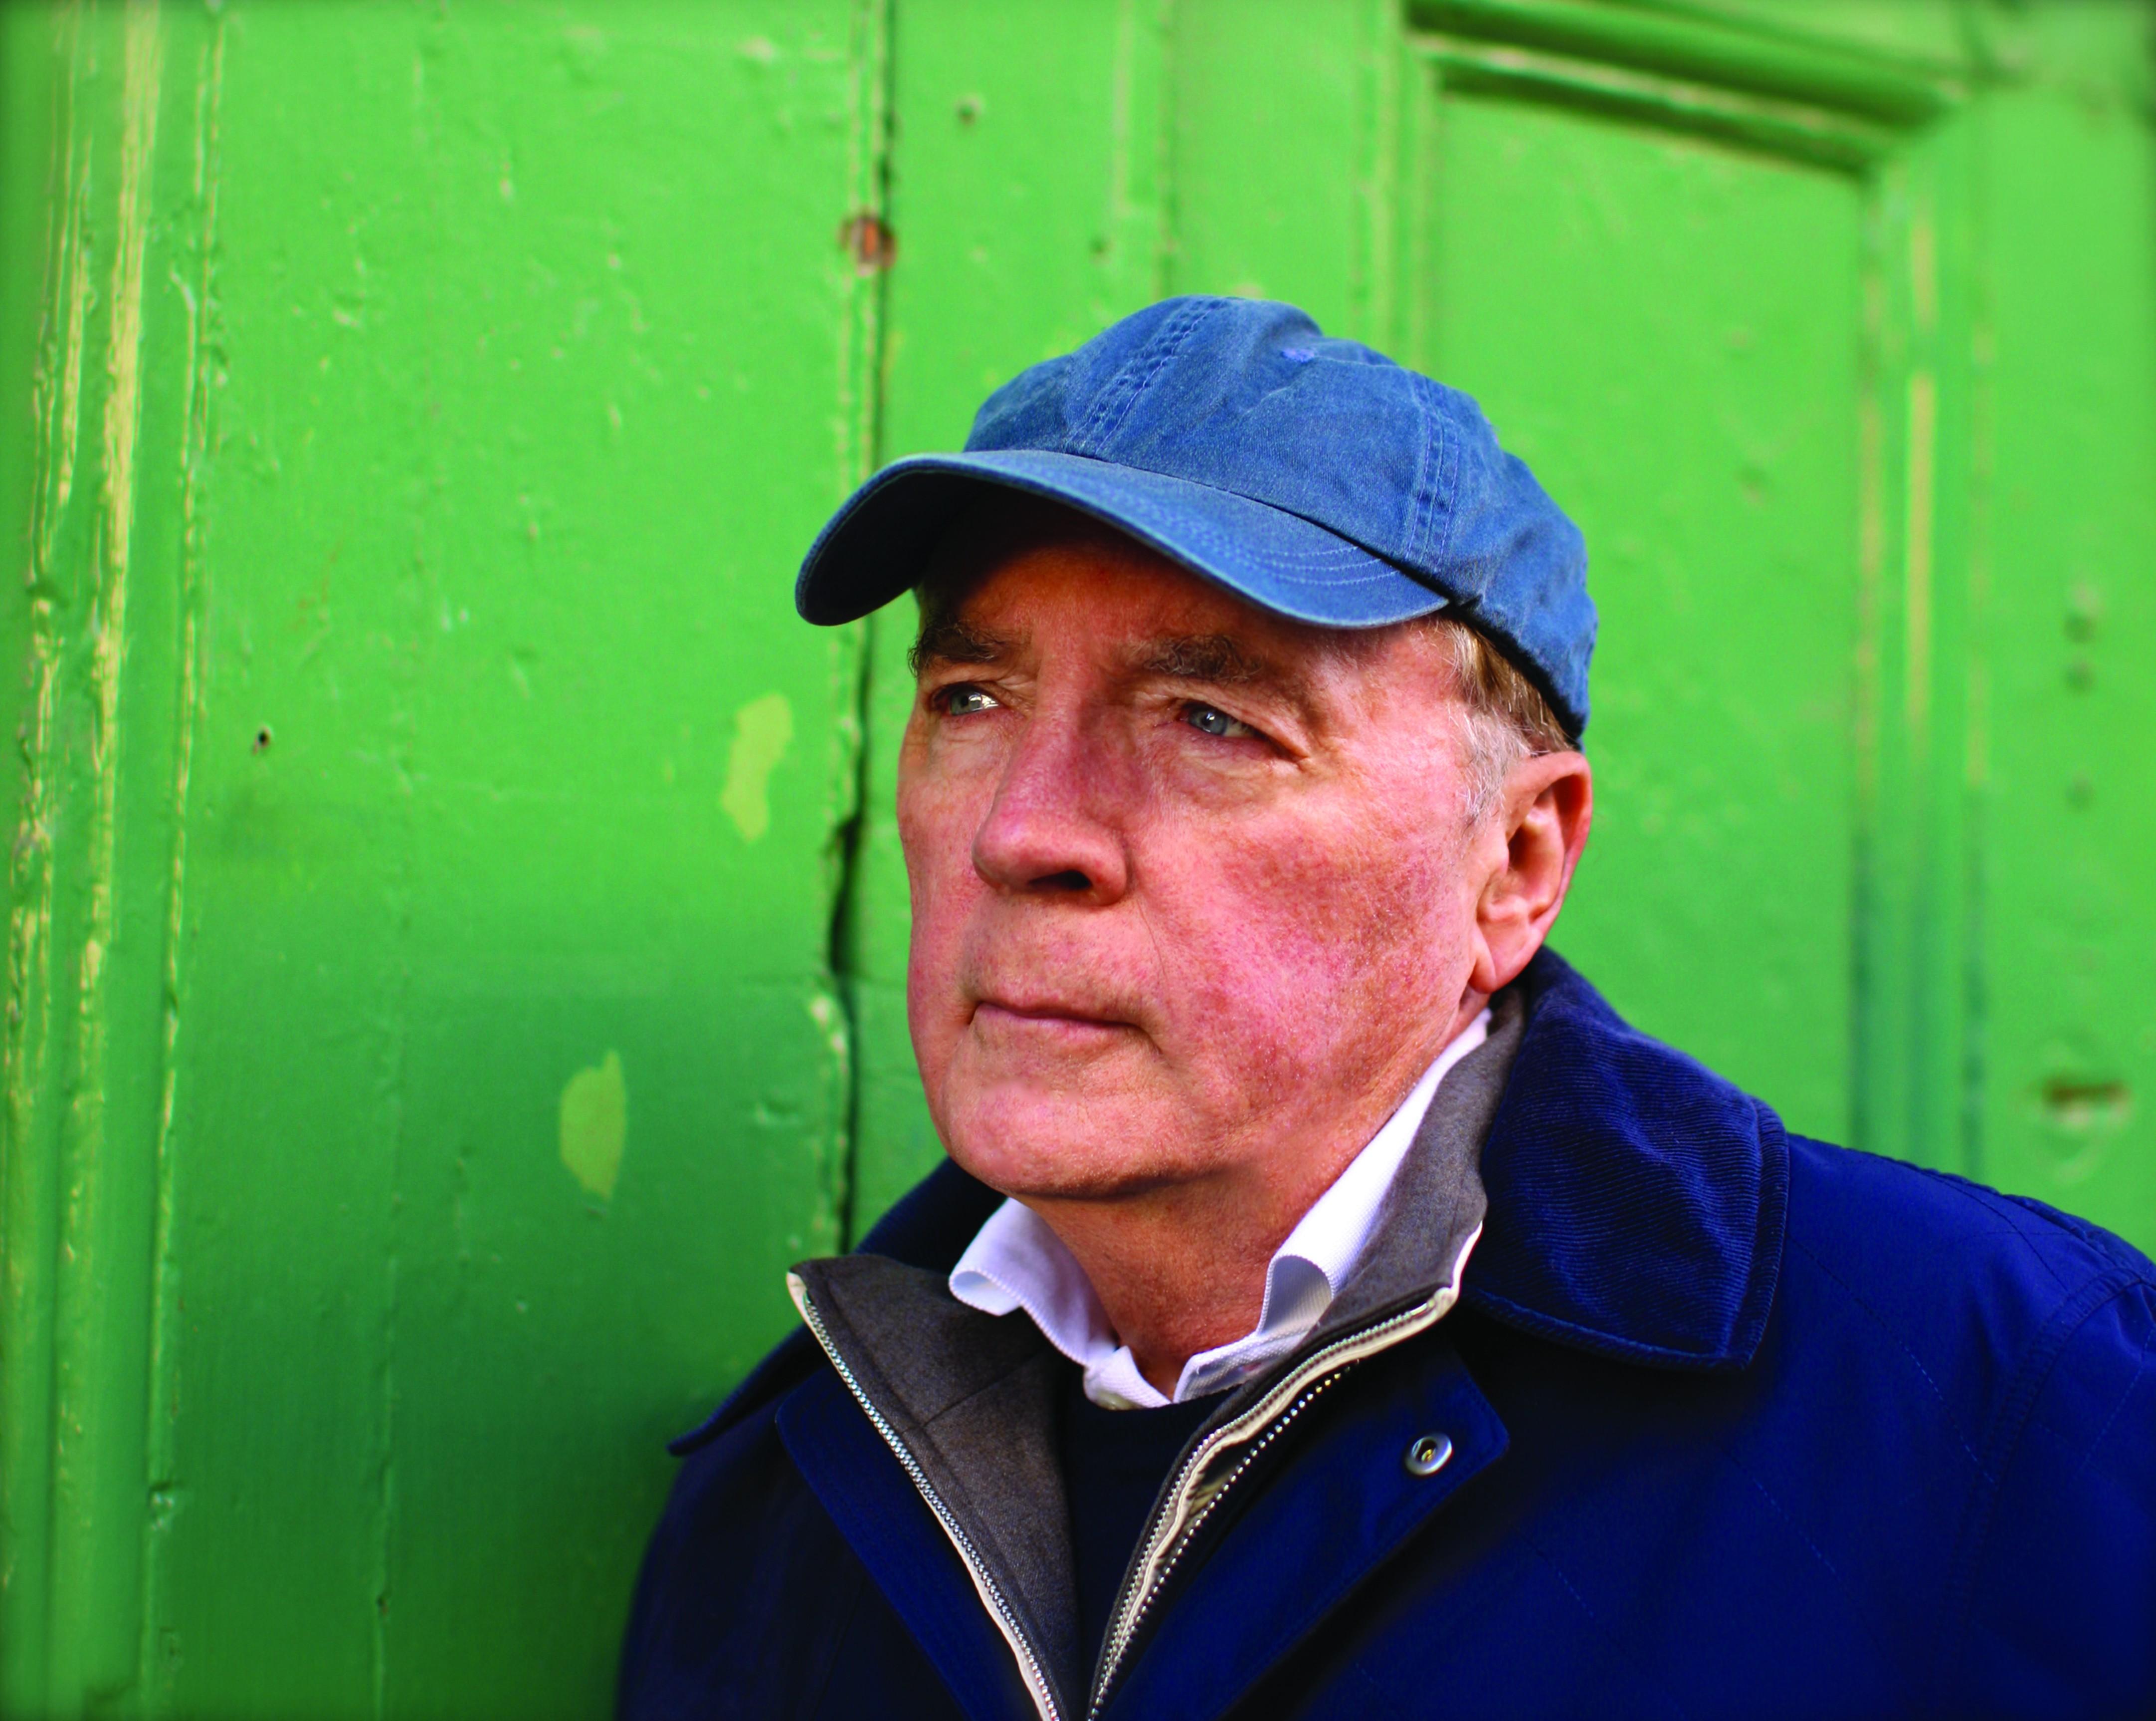 Author James Patterson